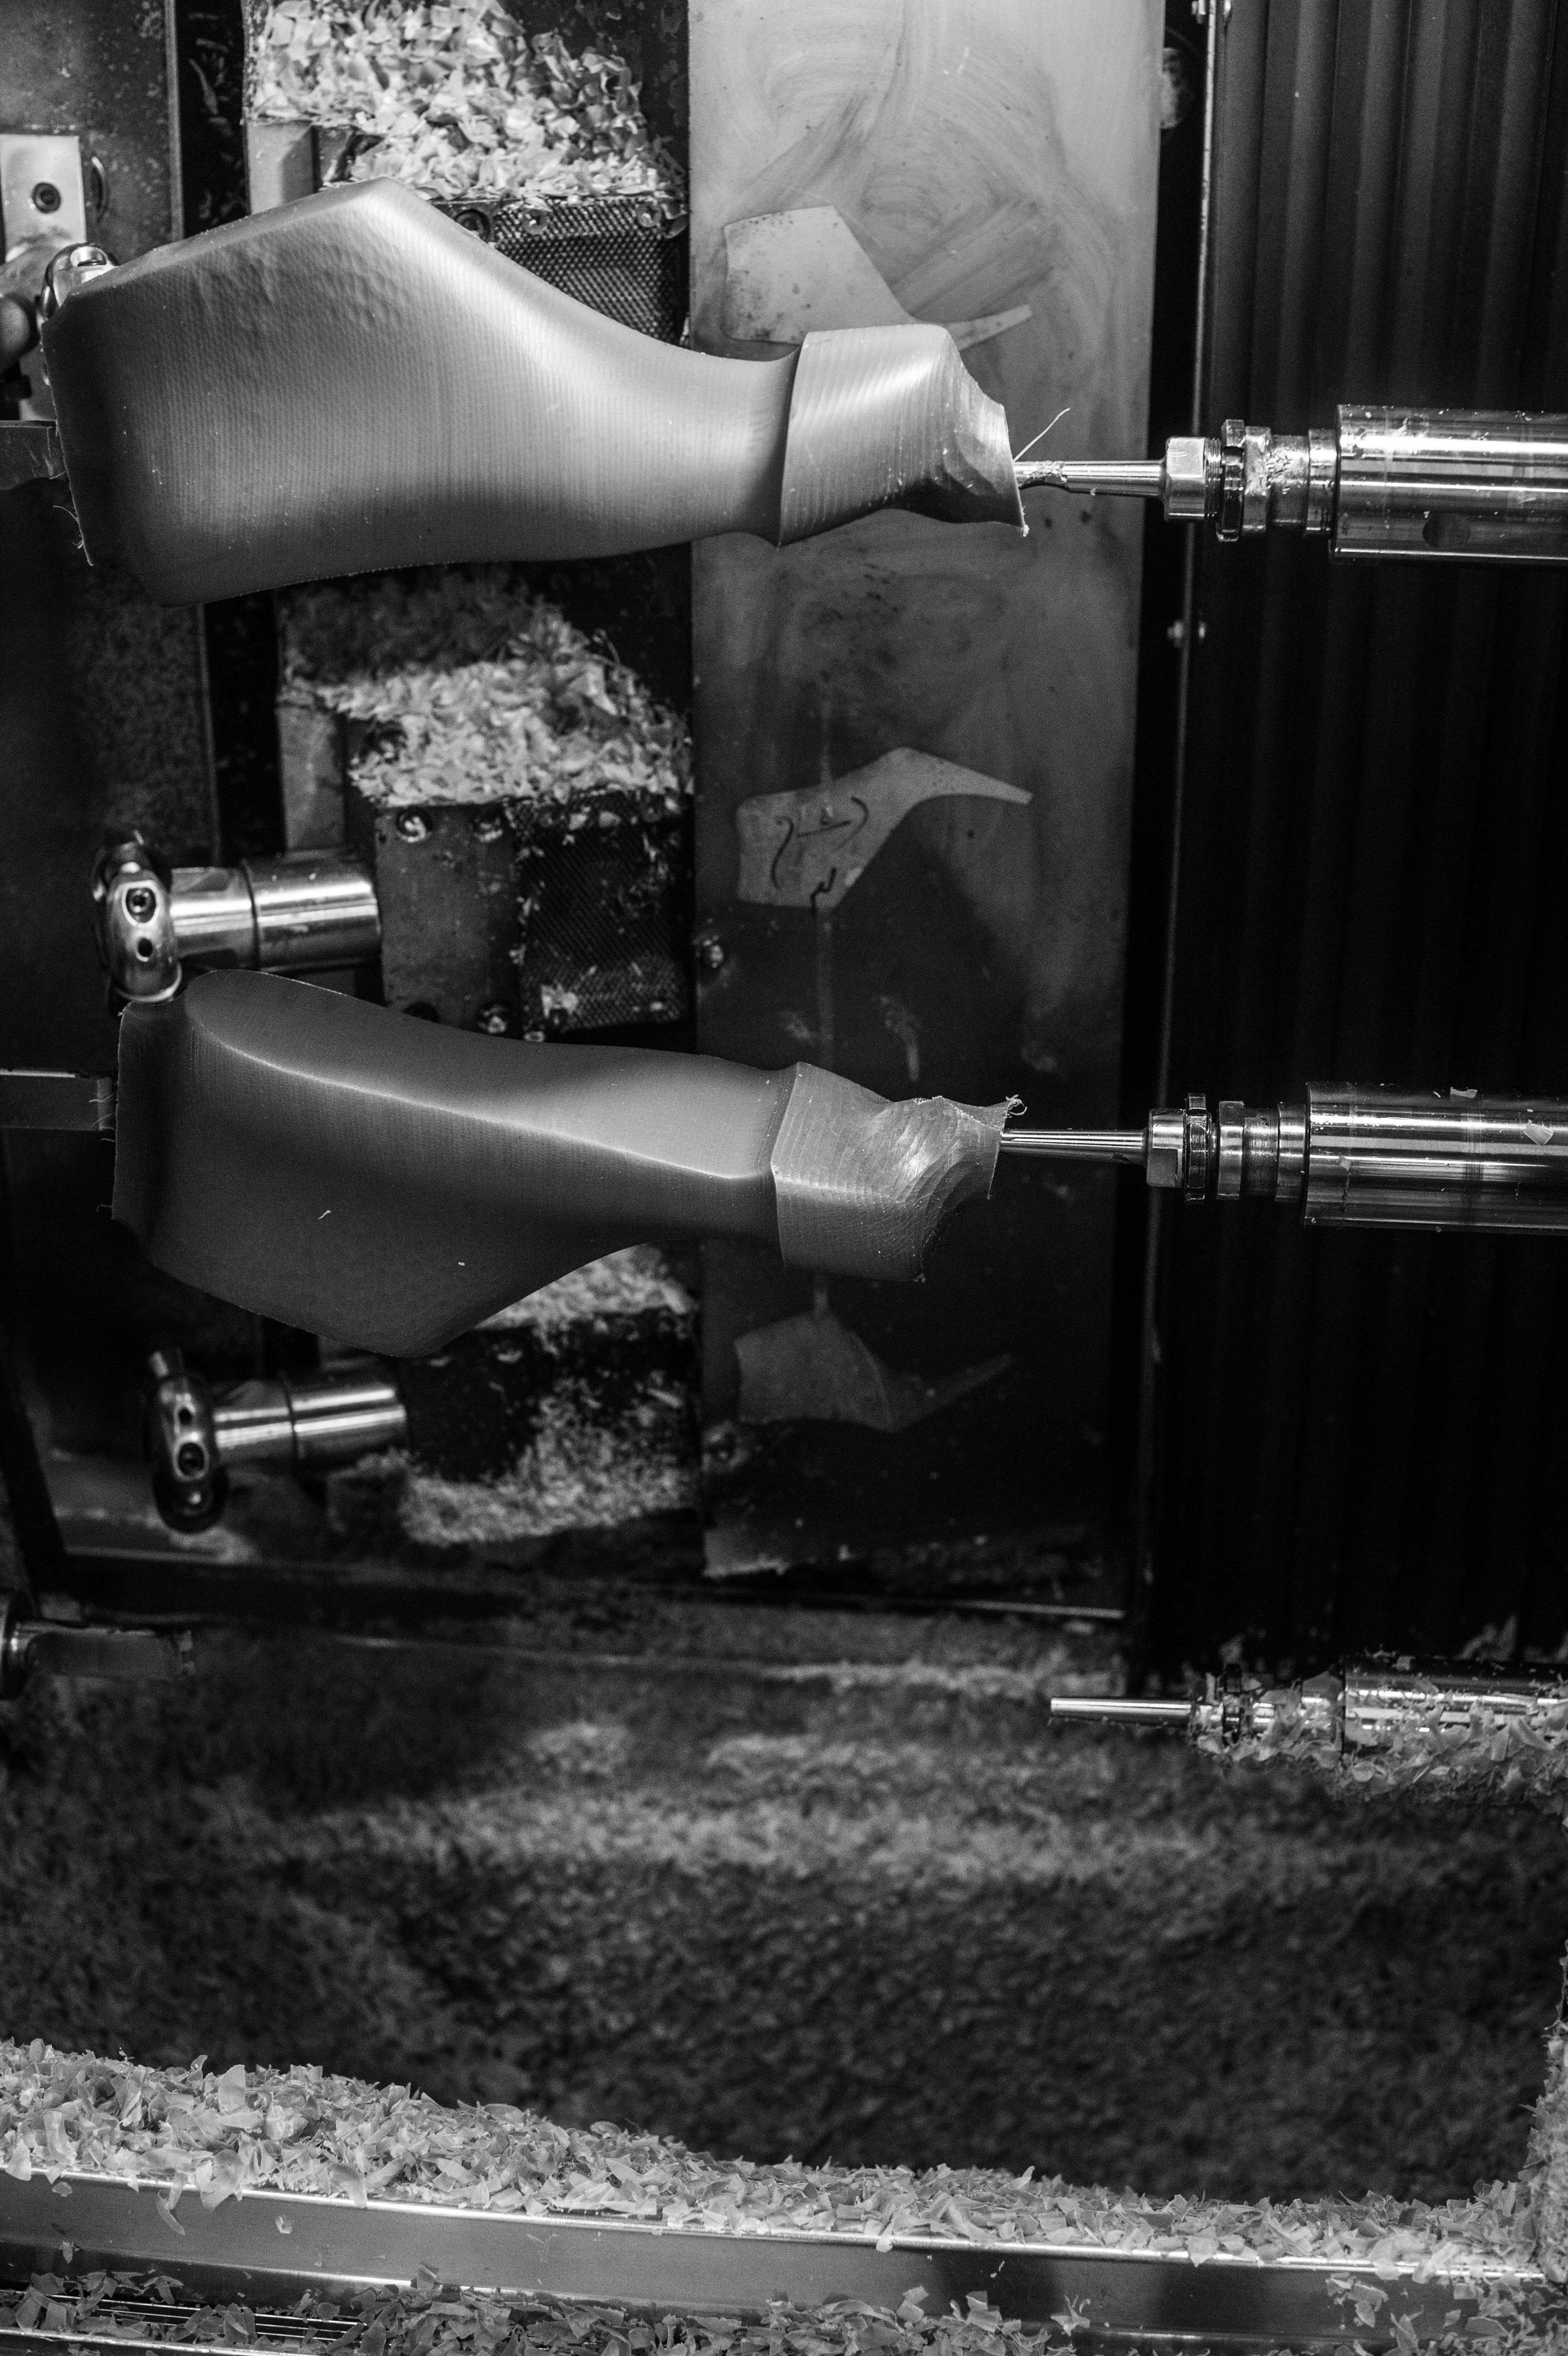 Shoe Mould laser cutter, Hebron, 2016